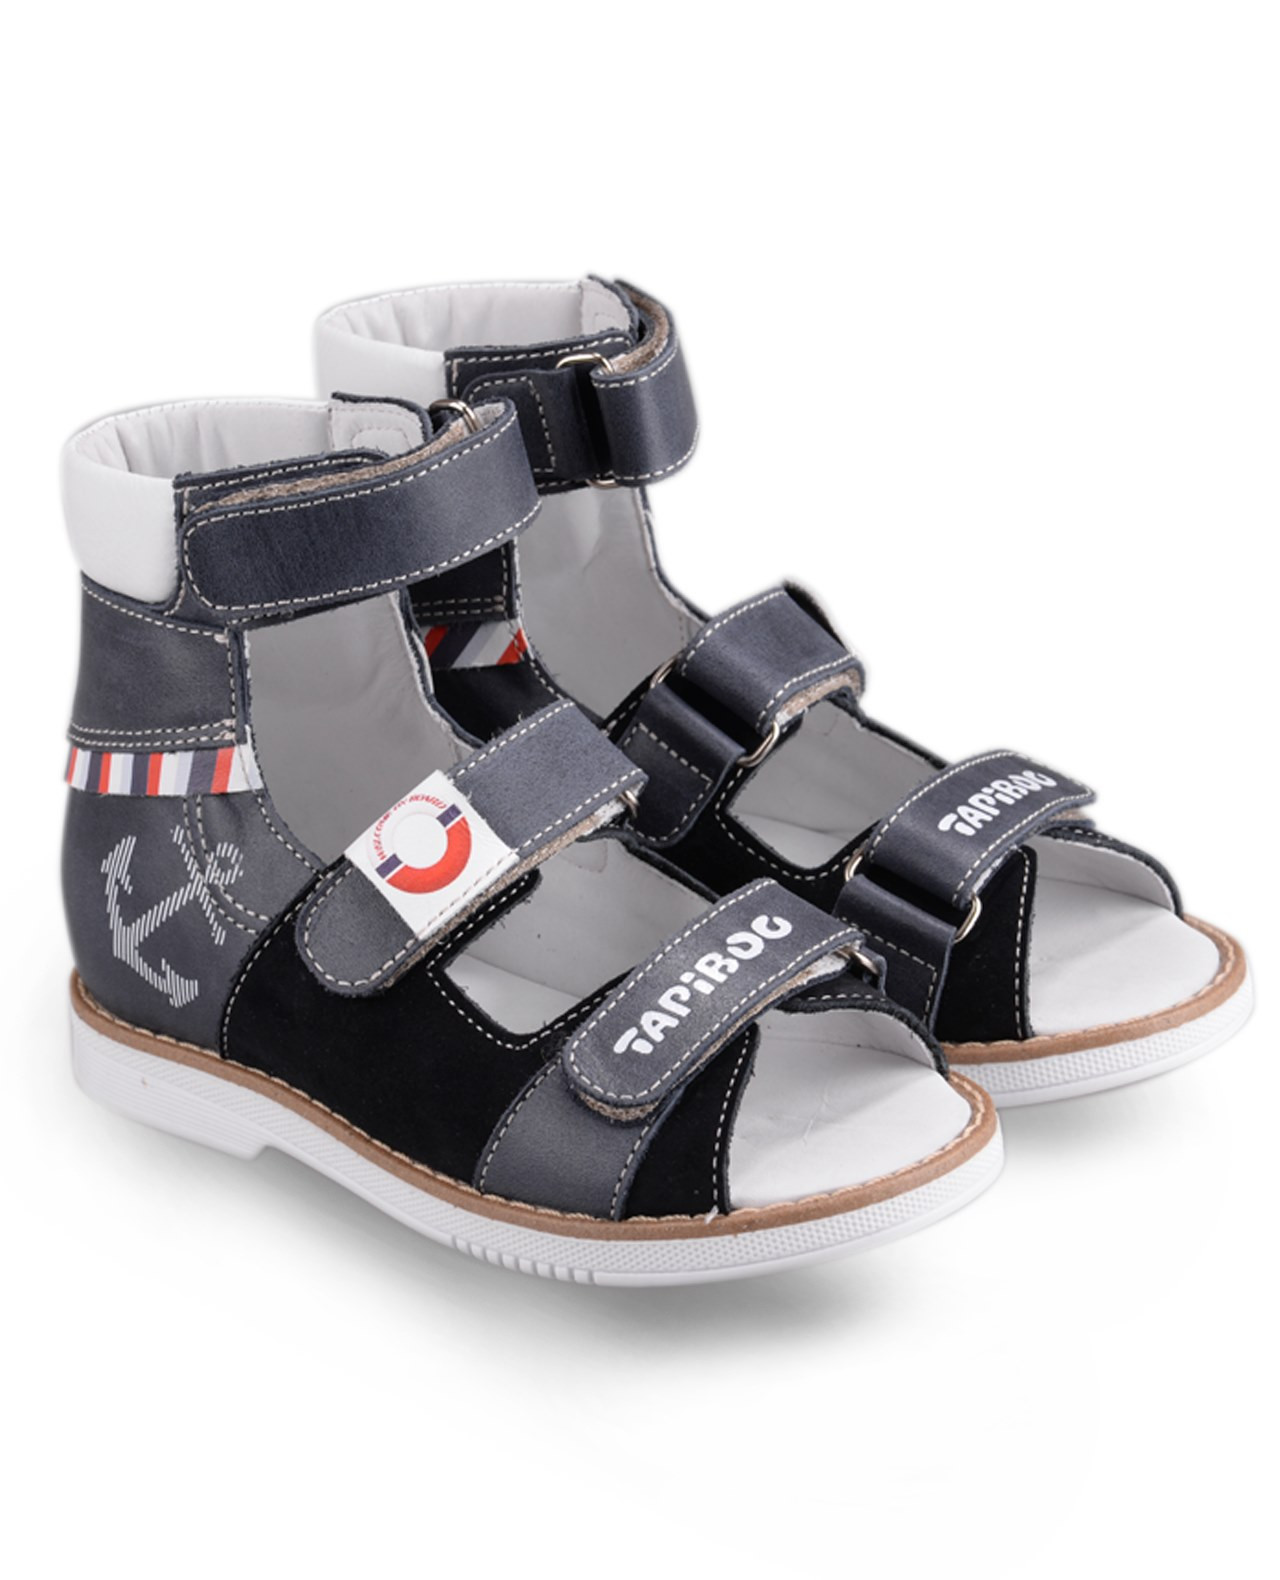 Сандалии Детские, Tapiboo Венге (44093, 26 )Сандалии<br>Эти ортопедические сандалии разработаны <br>для коррекции стоп при вальгусной деформации, <br>а также для профилактики плоскостопия. <br>Применение данной модели рекомендовано <br>детям при наличии сформировавшихся деформаций. <br>При применении данной обуви рекомендуется <br>использование индивидуальных ортопедических <br>стелек по назначению врача-ортопеда. Жесткий <br>фиксирующий задник увеличенной высоты <br>и возможность регулировки полноты тремя <br>застежками «велкро» обеспечивают необходимую <br>фиксацию голеностопа в правильном положении. <br>Широкий, устойчивый каблук, специальной <br>конфигурации «каблук Томаса». Каблук продлен <br>с внутренней стороны до середины стопы, <br>предотвращает вращение (заваливание) стопы <br>вовнутрь (пронационный компонент деформации, <br>так называемая косолапость, или вальгусная <br>деформация). Подкладка из кожи теленка без <br>швов. Кожа теленка обладает повышенной <br>износостойкостью в сочетании с мягкостью <br>и отличной способностью пропускать воздух <br>для создания оптимального температурного <br>режима (нога не потеет). Отсутствие швов <br>на подкладк<br>Размер INT: M; Цвет: Красный; Ширина: 100; Высота: 200; Вес: 1000;